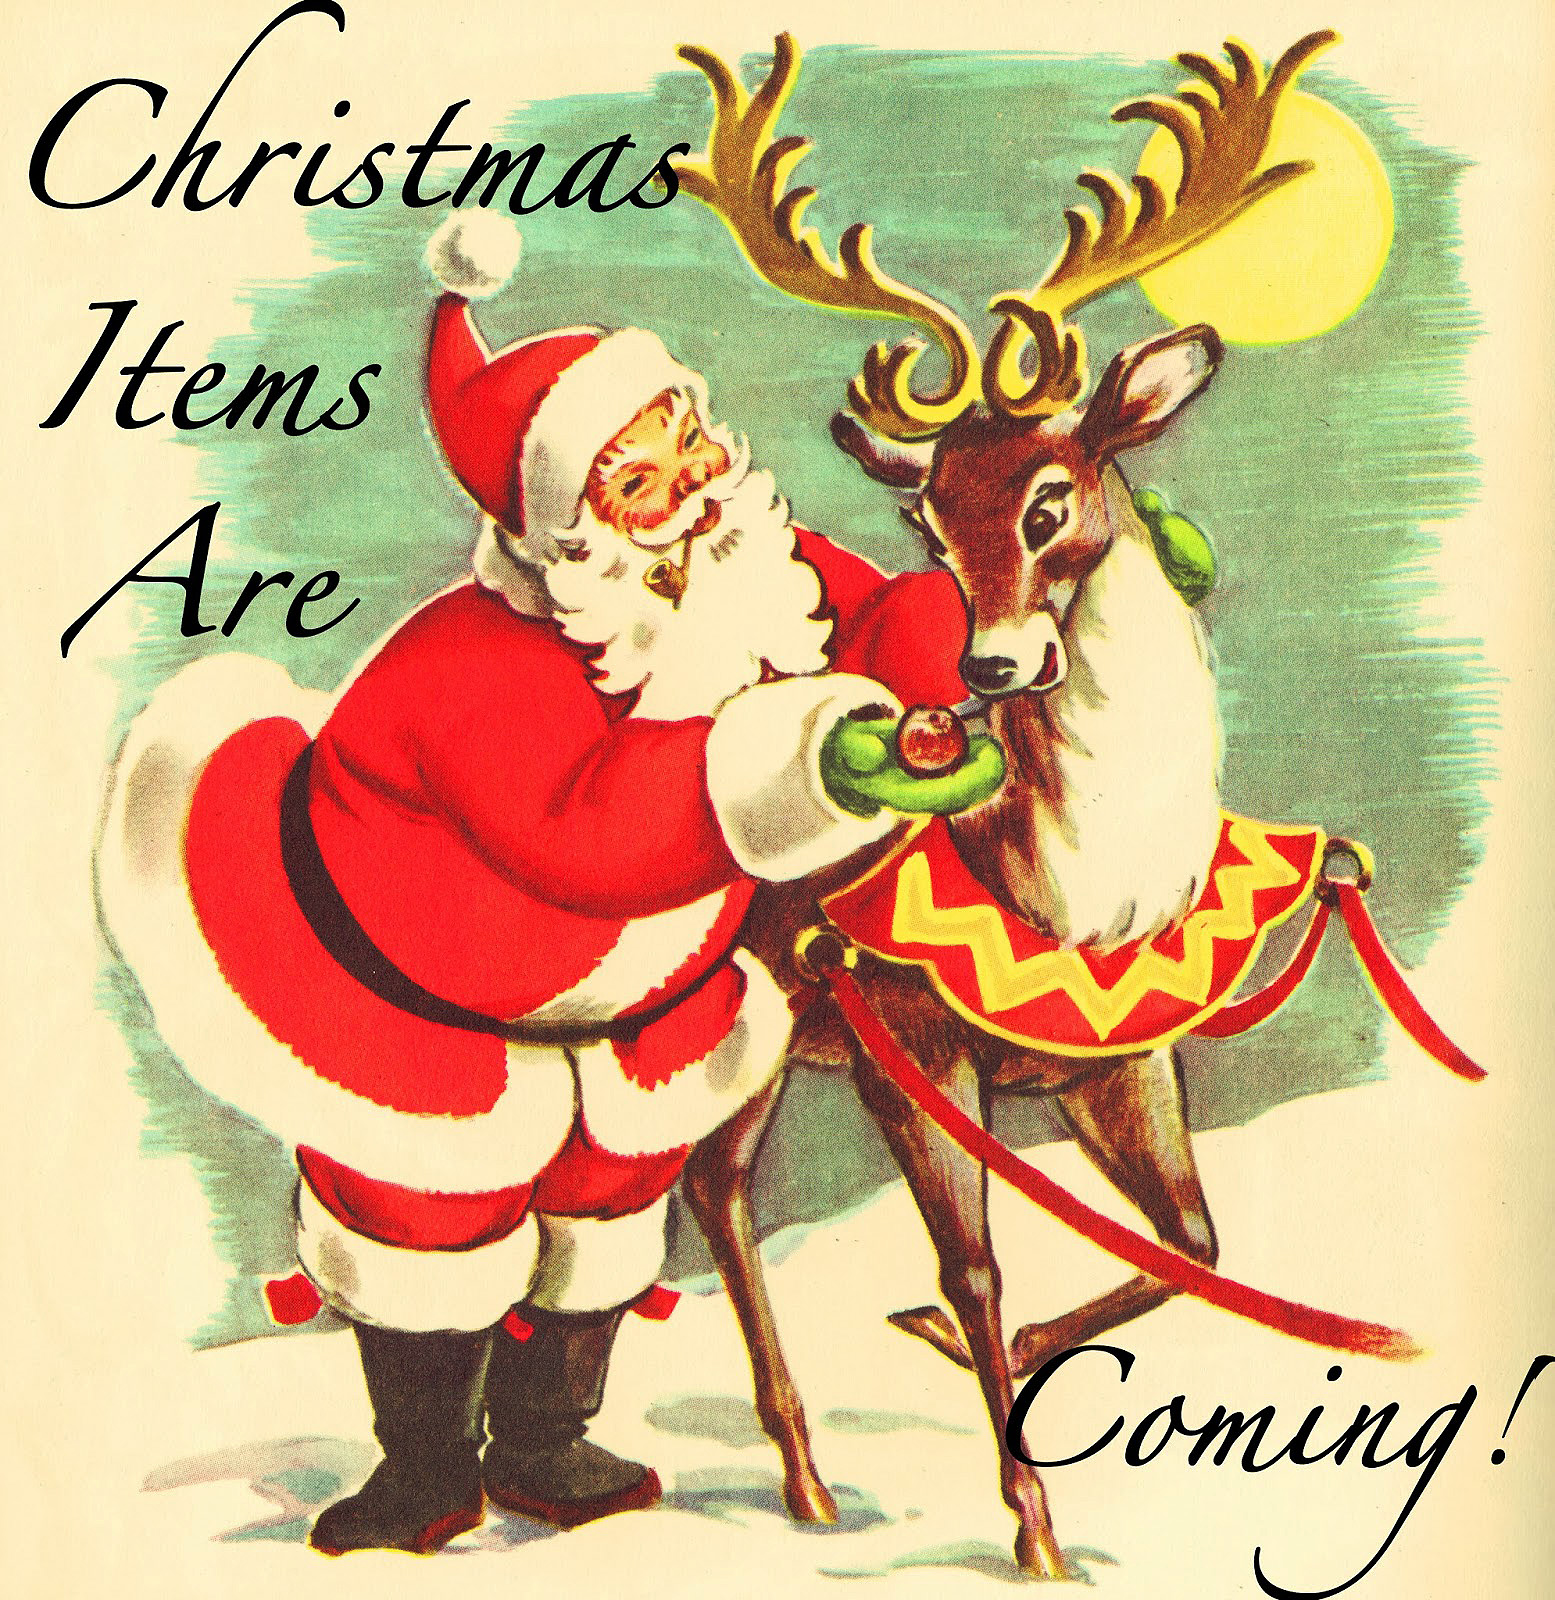 レトロで可愛いクリスマス用イラスト無料素材 Ramica